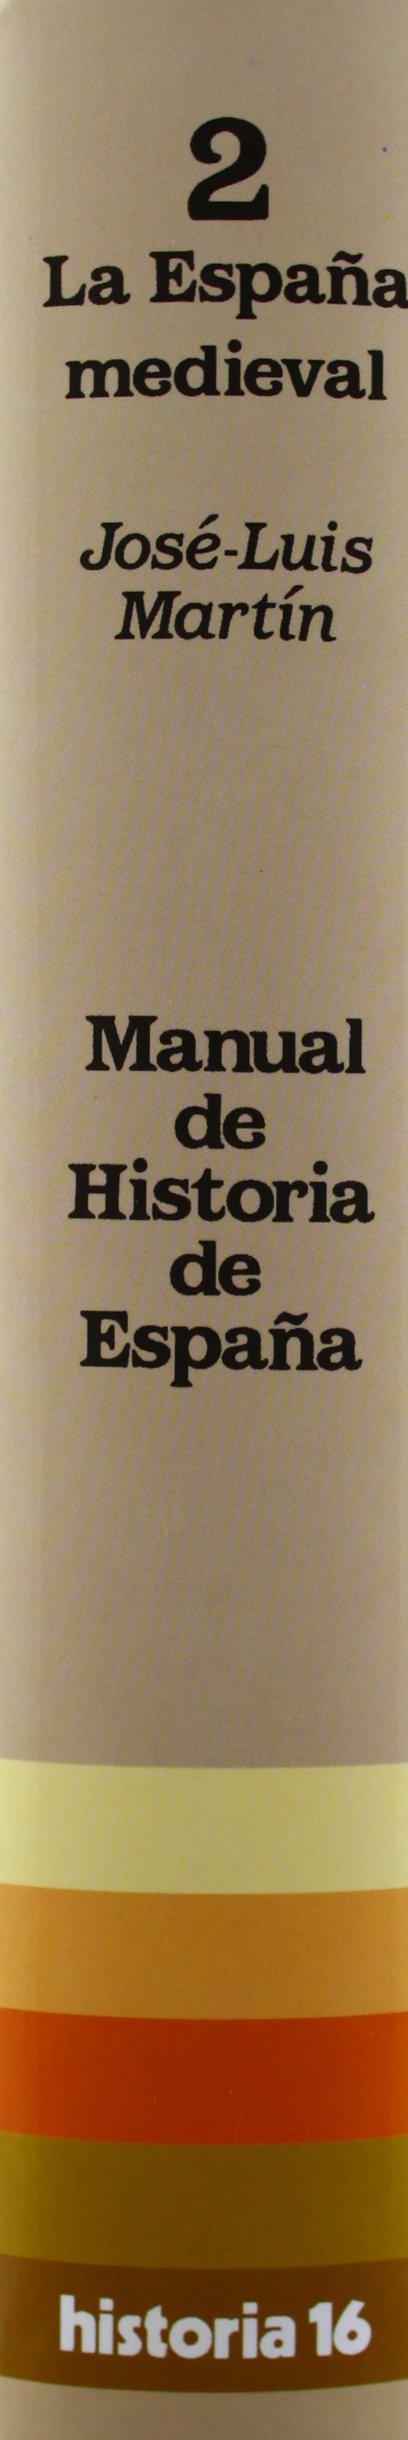 Manual de Historia de España : La España medieval: Amazon.es: MARTIN RODRIGUEZ, JOSE LUIS: Libros